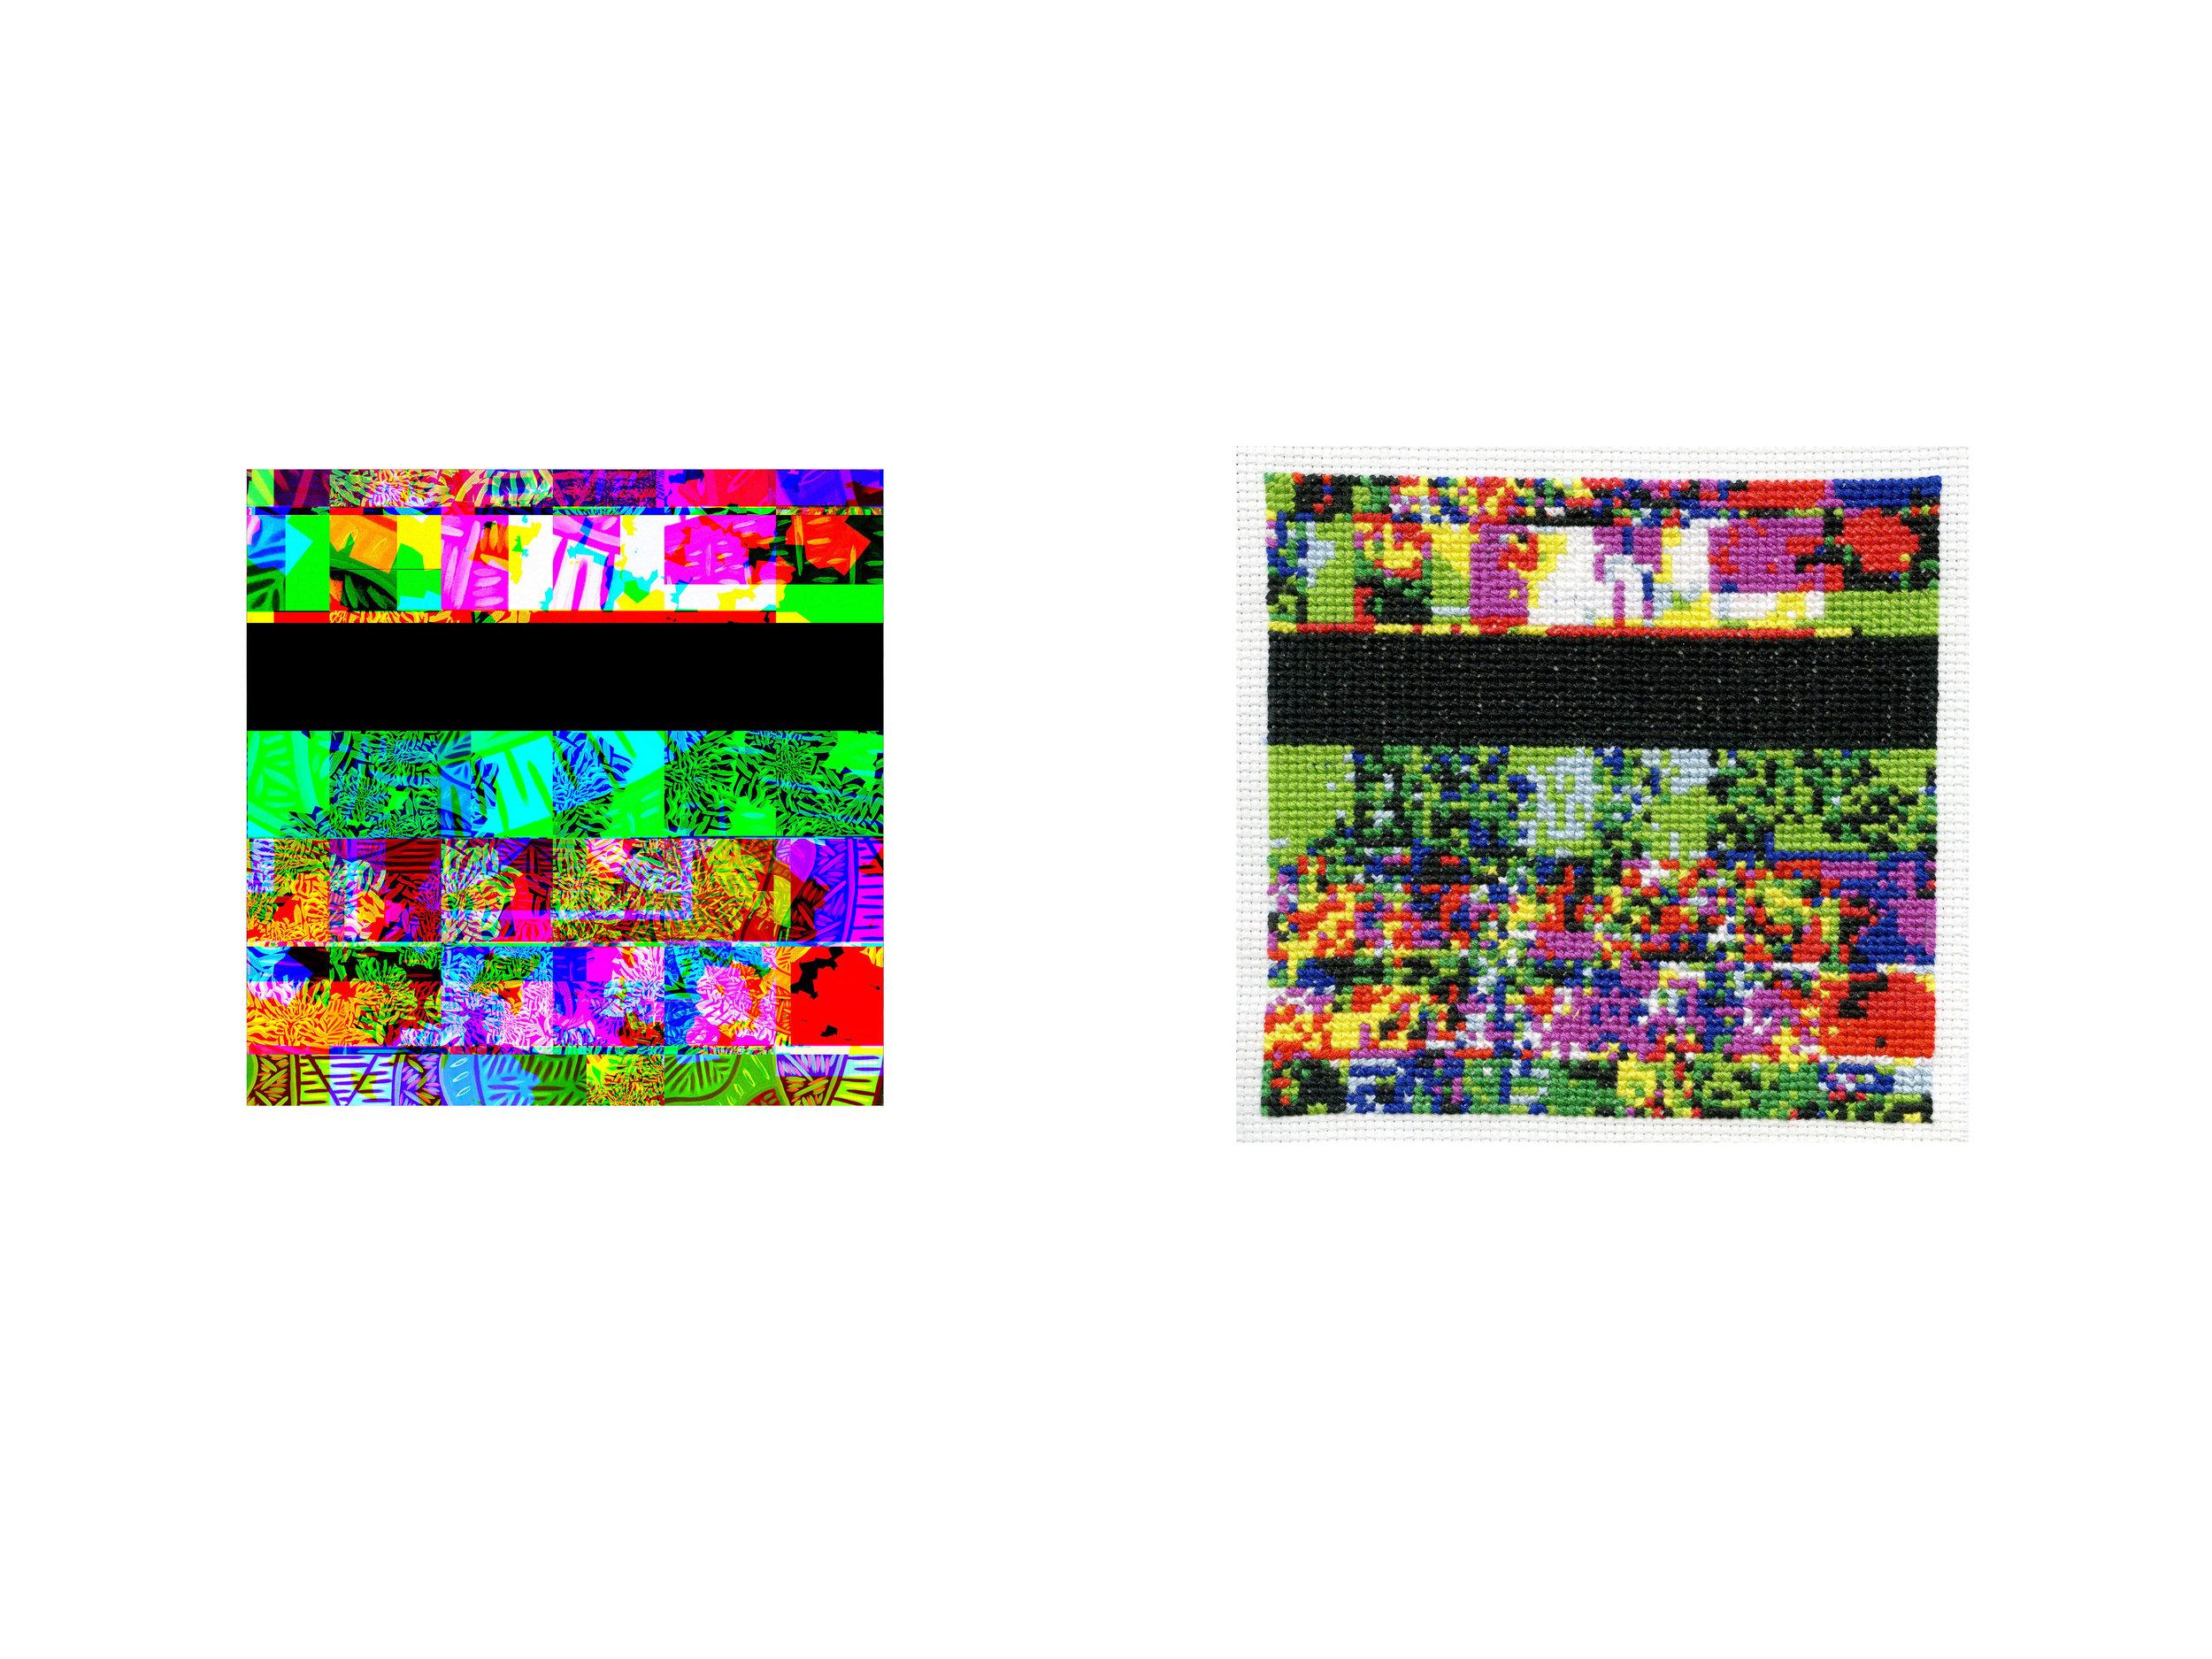 GlitchSeries03 - Crop_6_crop.jpg